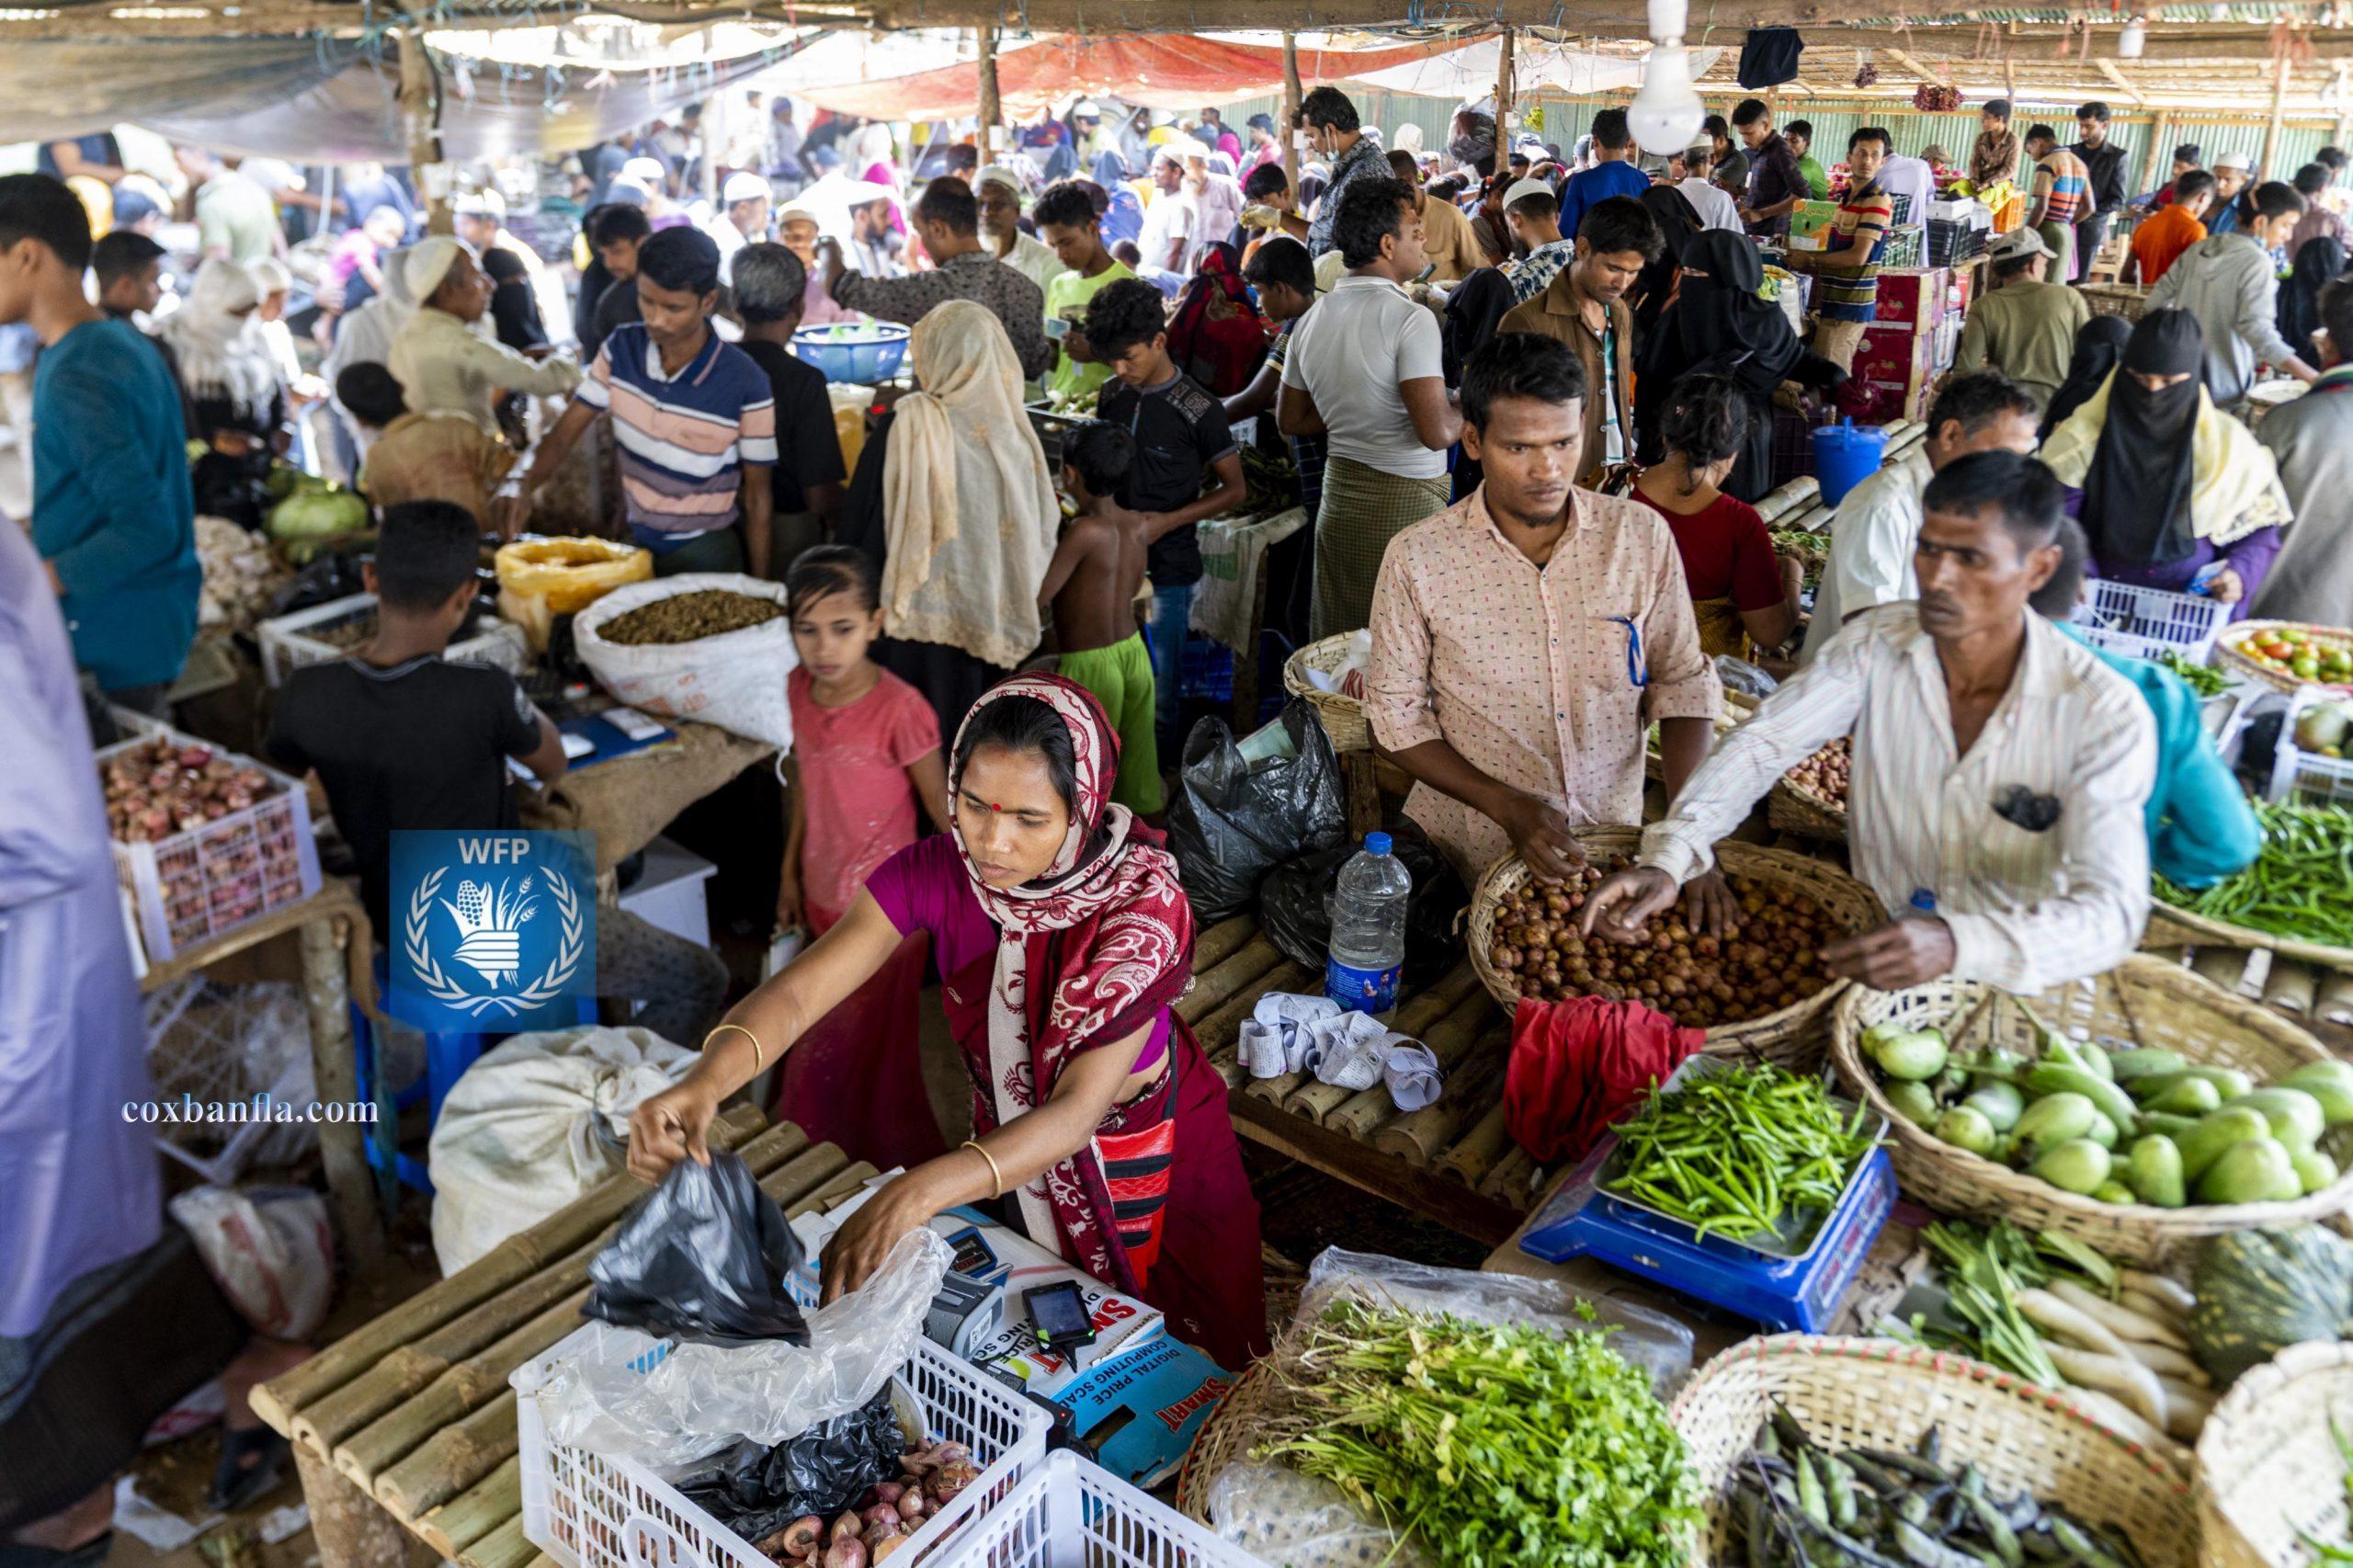 কক্সবাজারের রোহিঙ্গা ক্যাম্পে  পুনরায় ফার্মার্স মার্কেট চালু করল WFP : উপকৃত হবে স্থানীয় জনগোষ্ঠীও